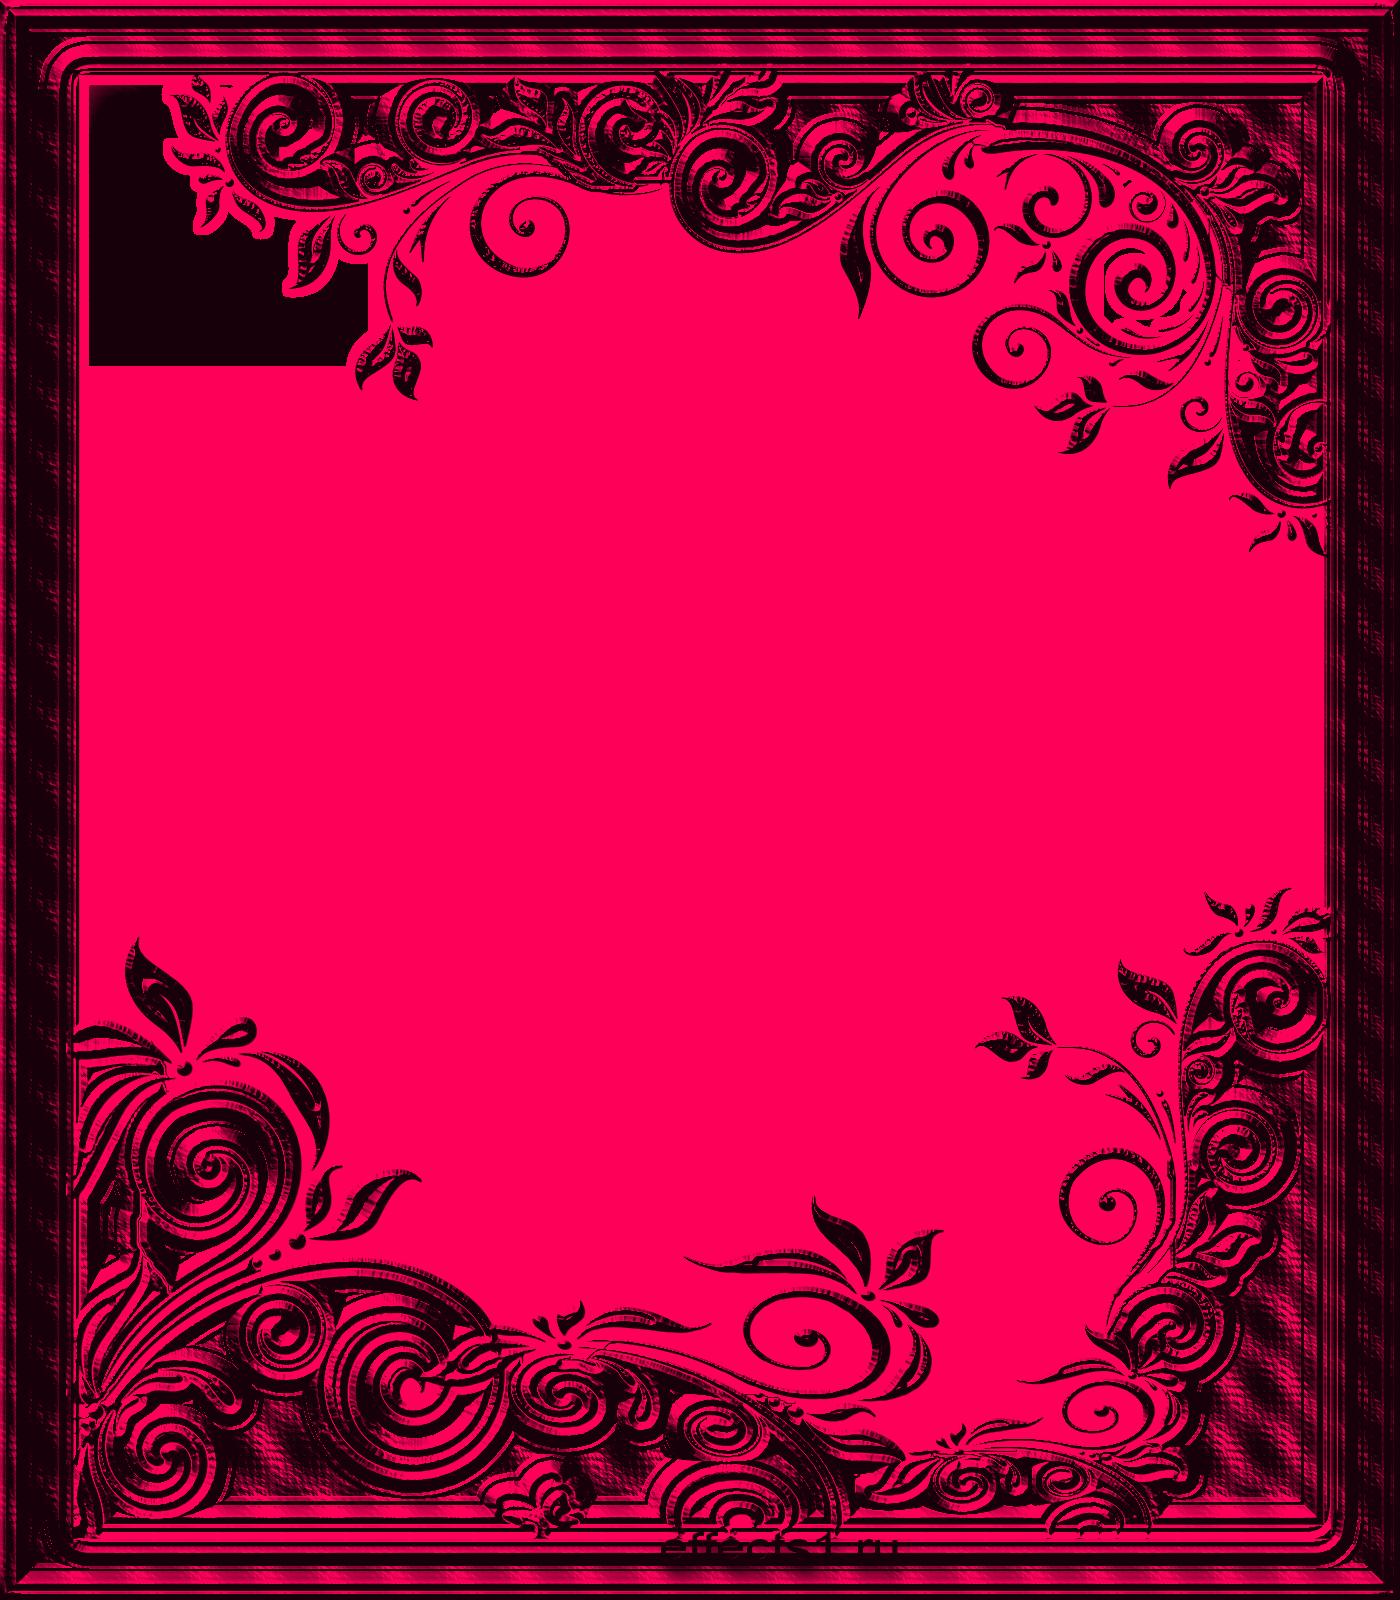 Картинки рамочки для текста красивые, сделать